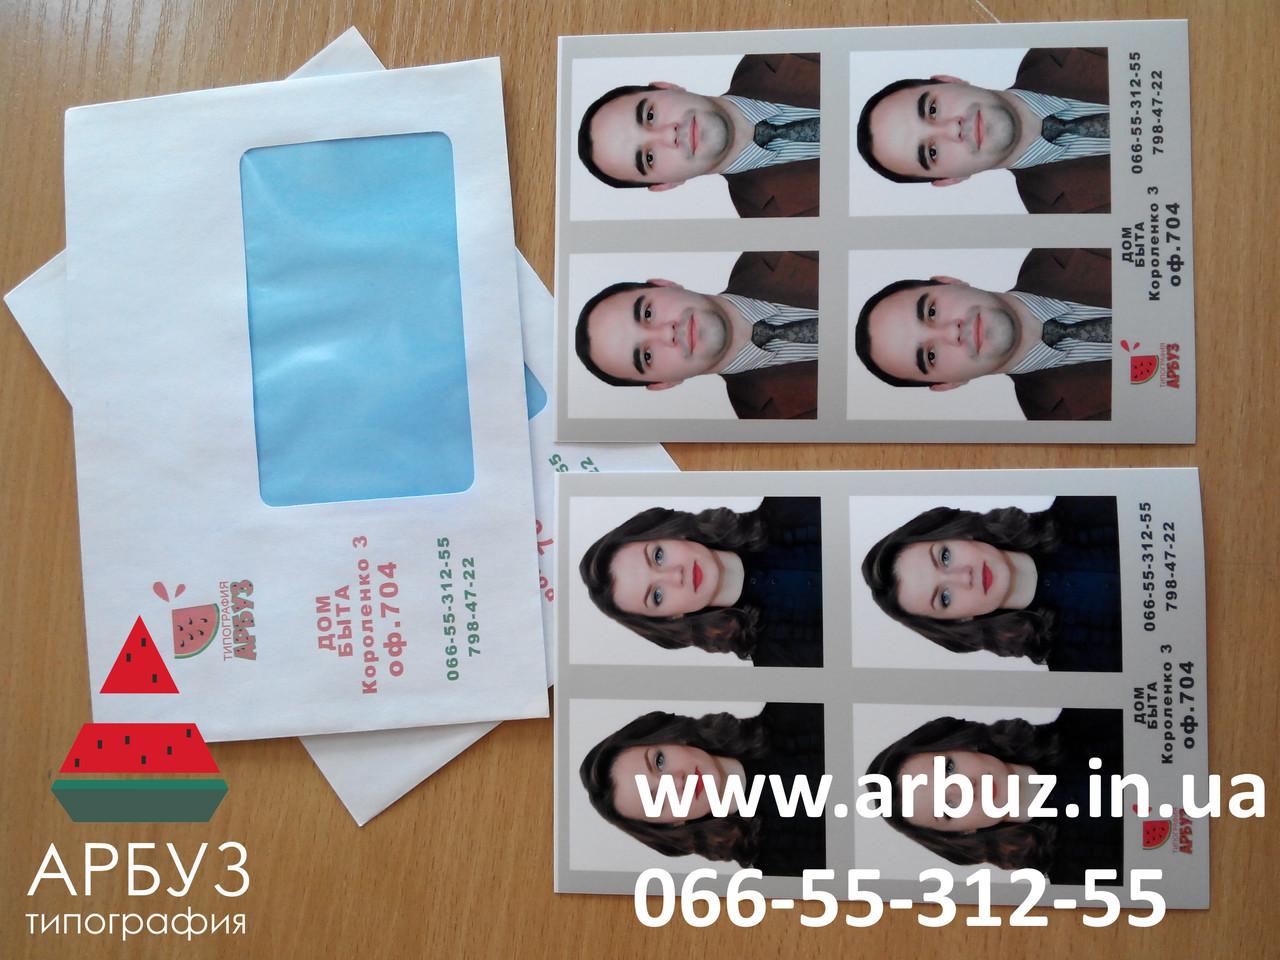 Фотография на паспорт гражданина украины, фото 1